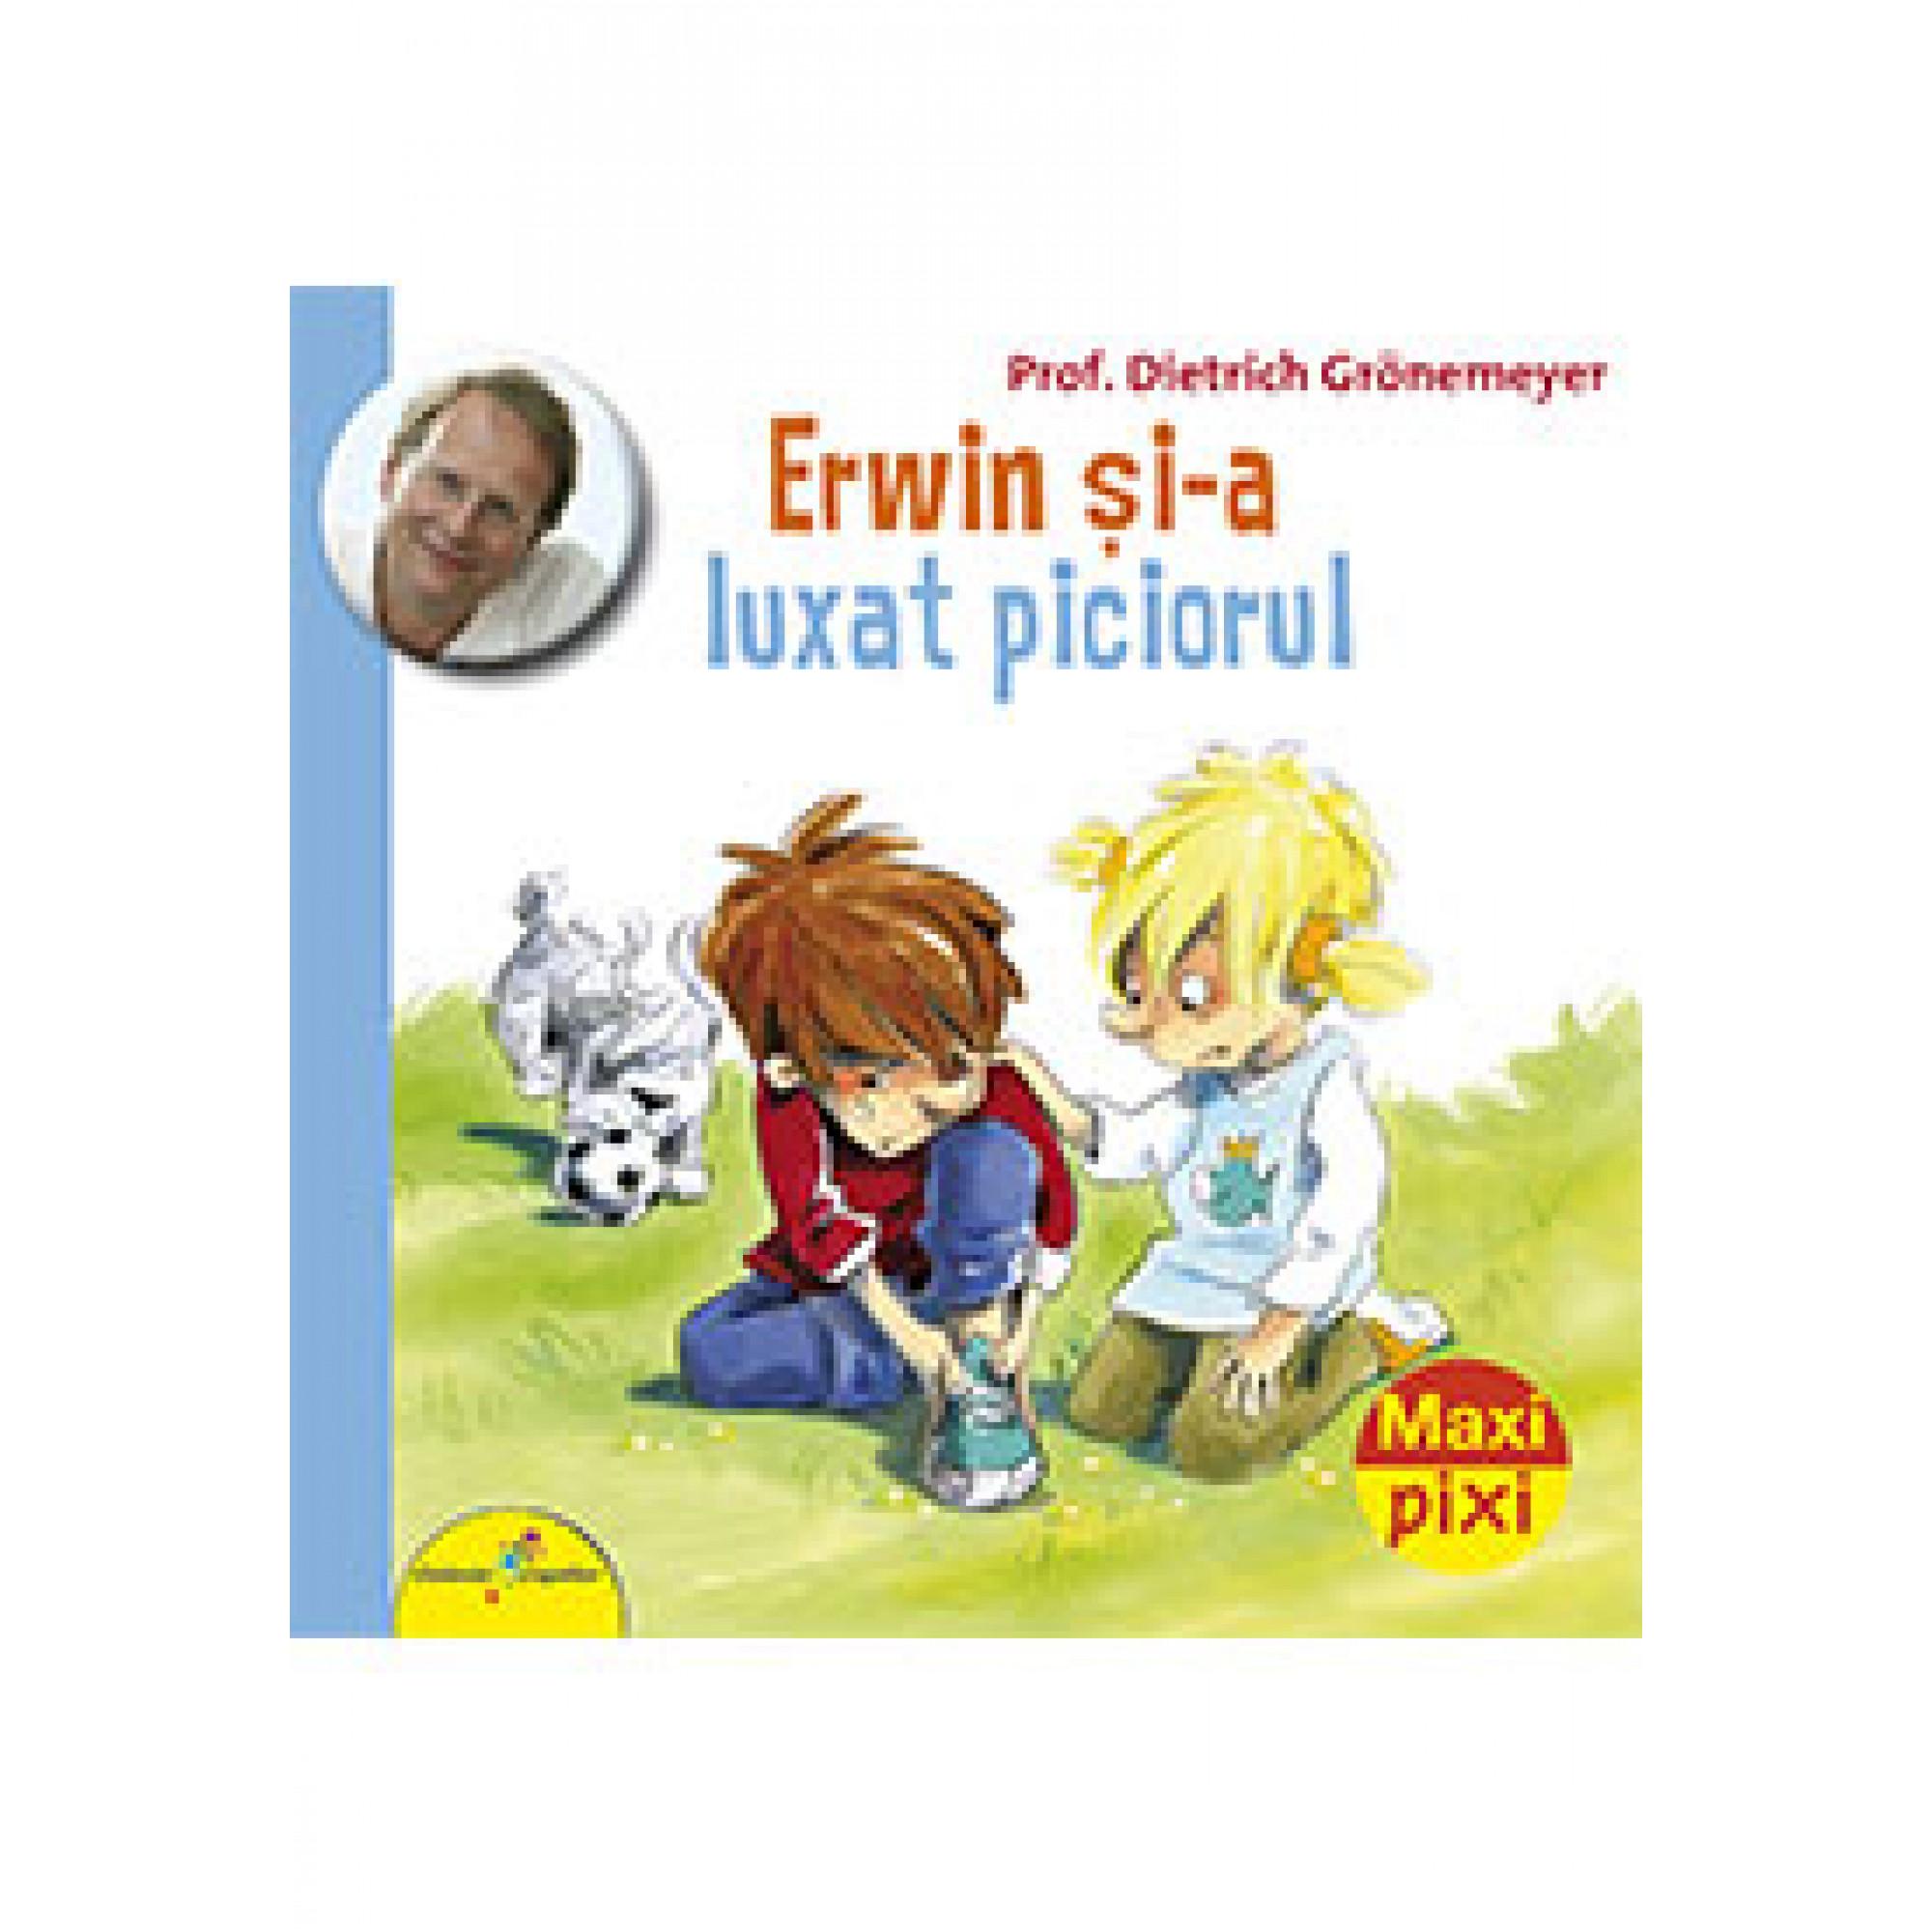 Erwin și-a luxat piciorul. Maxi Pixi; Prof. Dietrich Grönemeyer